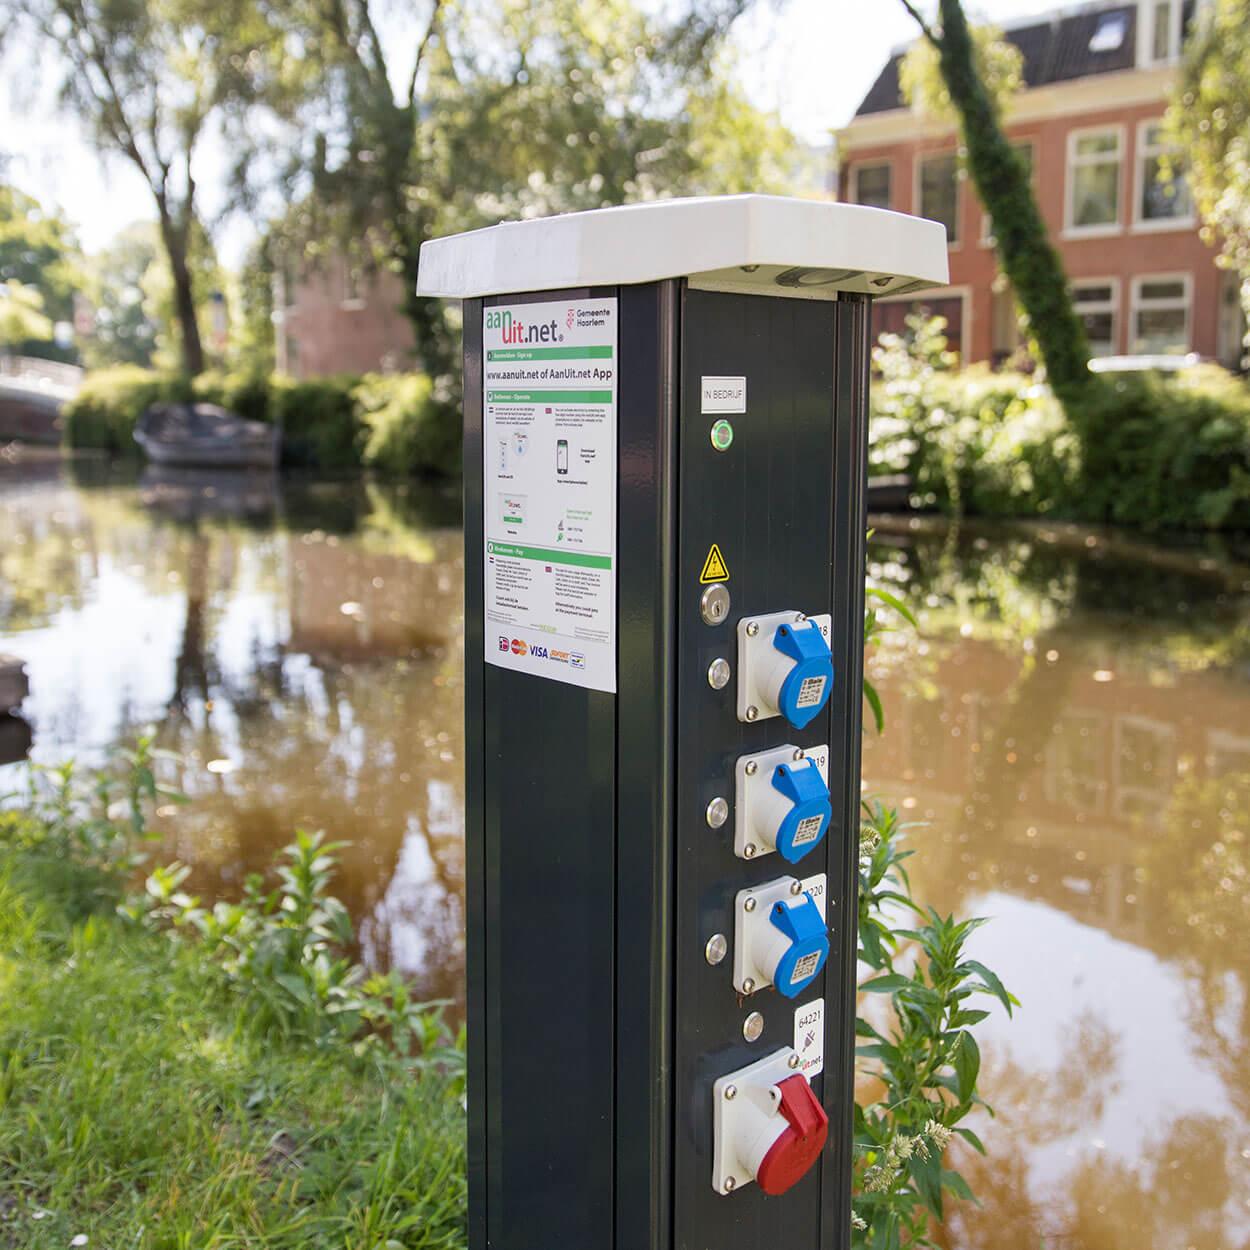 Seijsener-techniek-involtum-AanUit.net-op-afstand-betalen-jachthaven-liggeld-betalen-haventechniek-betaalsysteem-gemeente-Haarlem